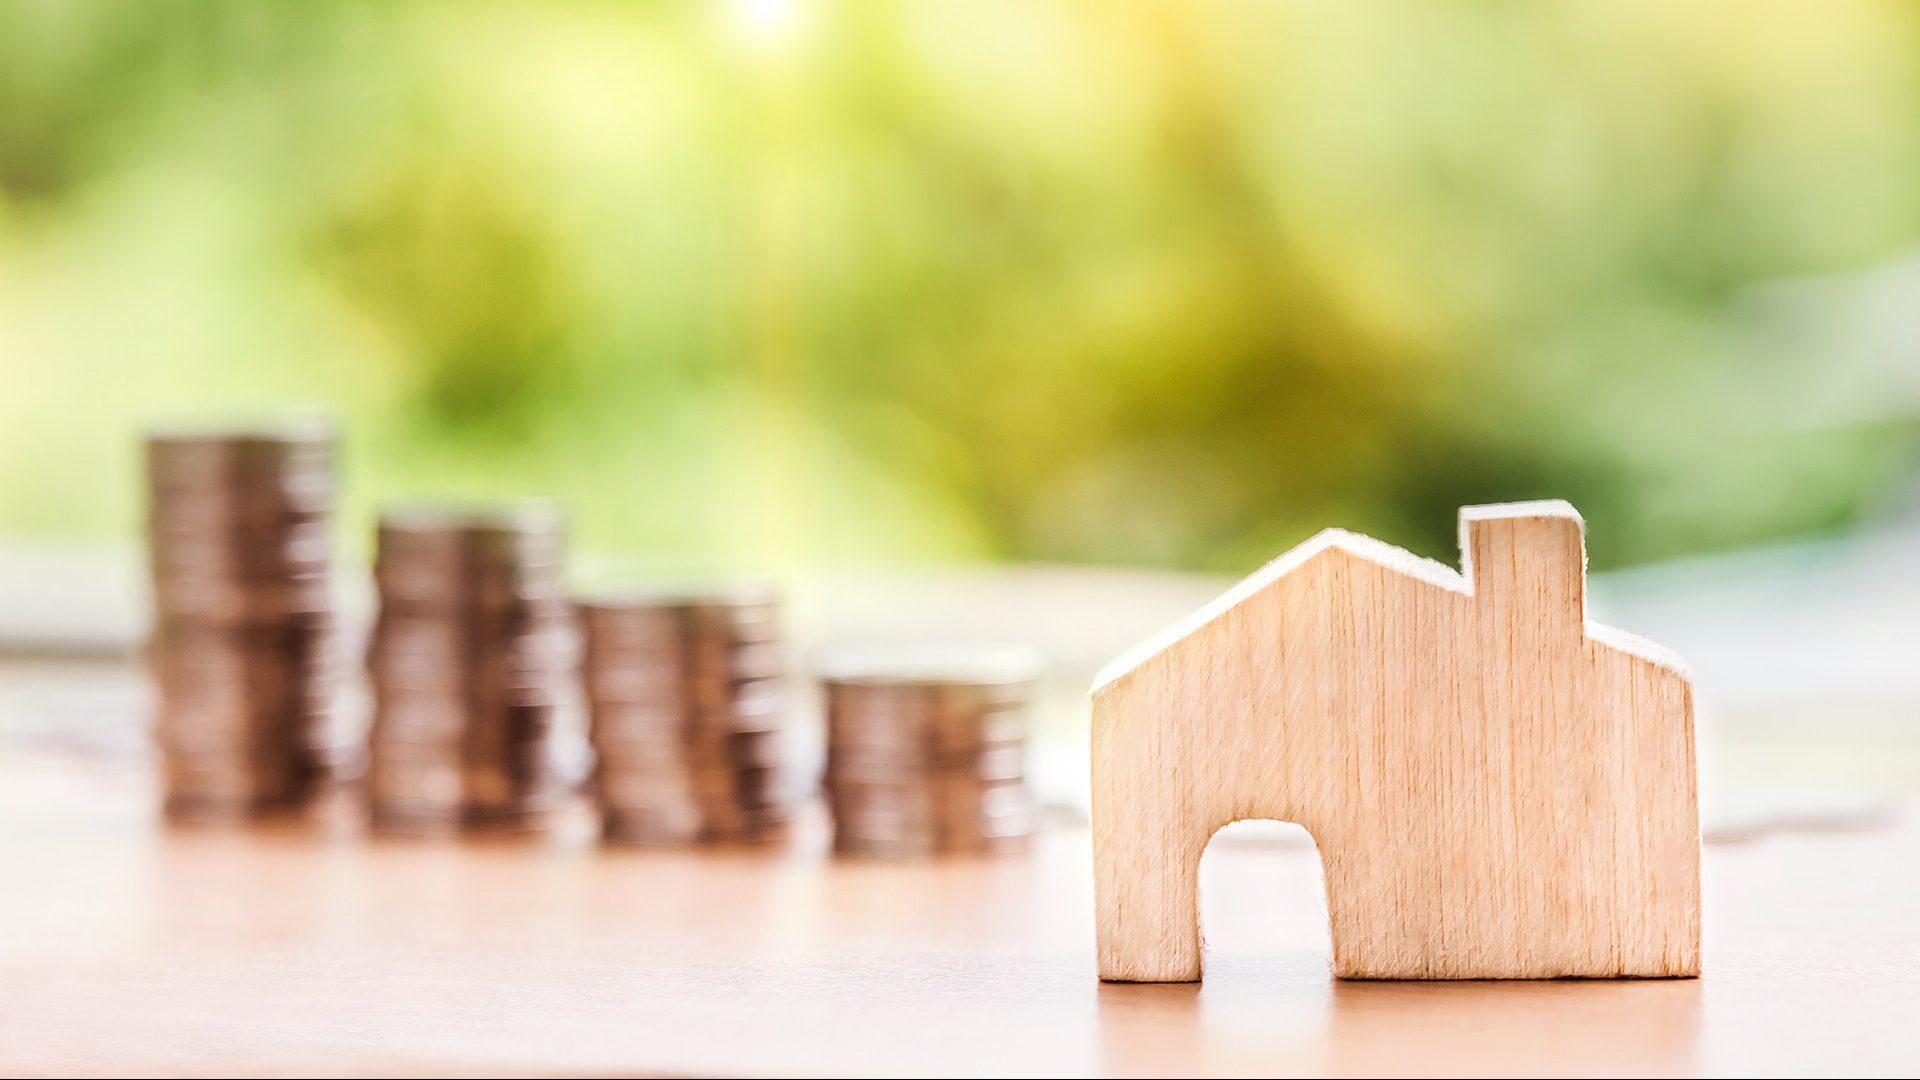 lommelse hypotheken en krediet